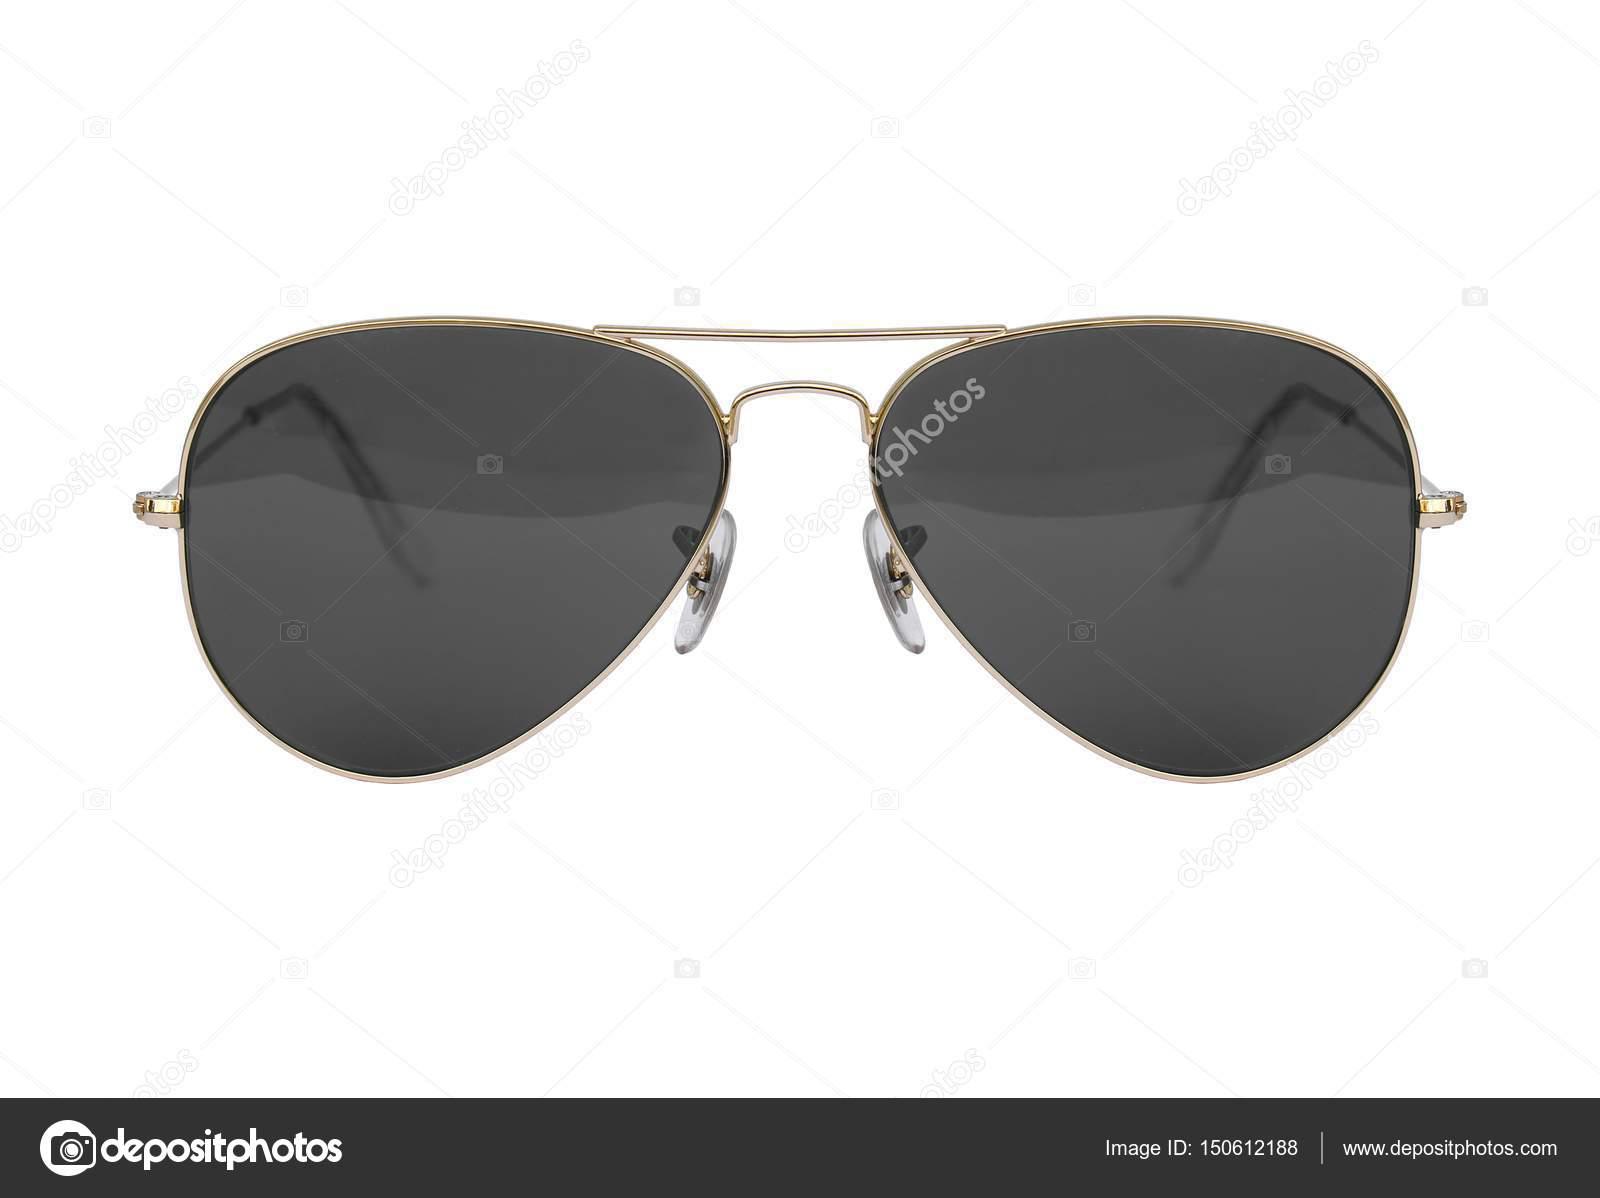 871099c14b862 Gafas de sol, estilo aviador — Fotos de Stock © Artfully79  150612188